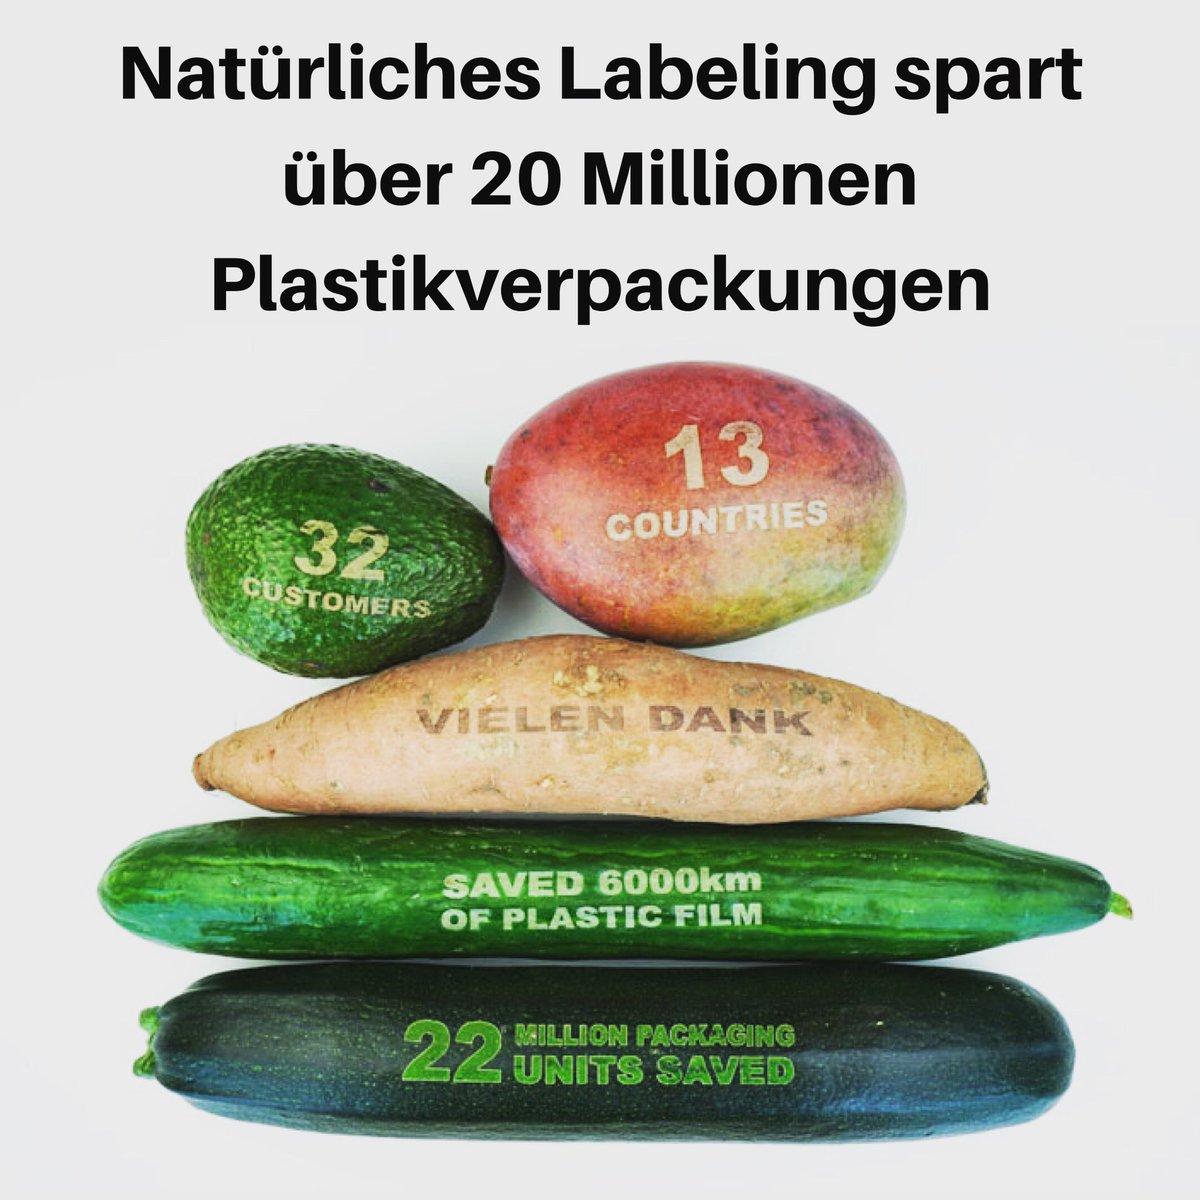 Natürliches Labeling von hilft per Lasergravur mehr als 20 Millionen Plastikverpackungen einzusparen! ————————————————— #eosta #ideen #sagneinzuplastik #plastikfrei #plastikfreiverpackt #einzelhandel #unverpackt #unverpackteinkaufen #plastikfrei #nachhaltig https://t.co/1ewmm8Q3VK